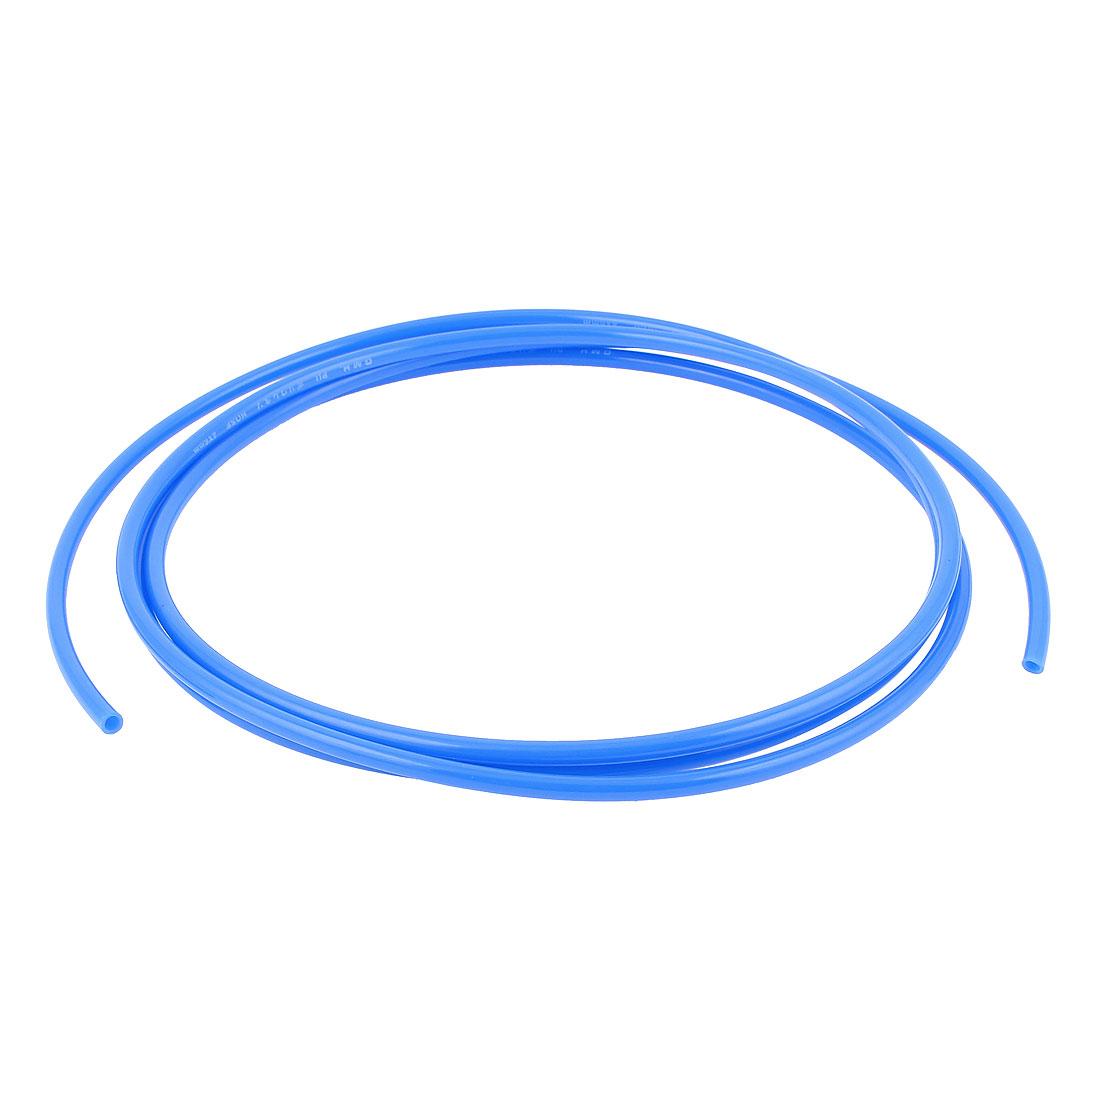 6mm x 4mm Pneumatic Air Compressor Tubing PU Hose Tube Pipe 2.5m Blue